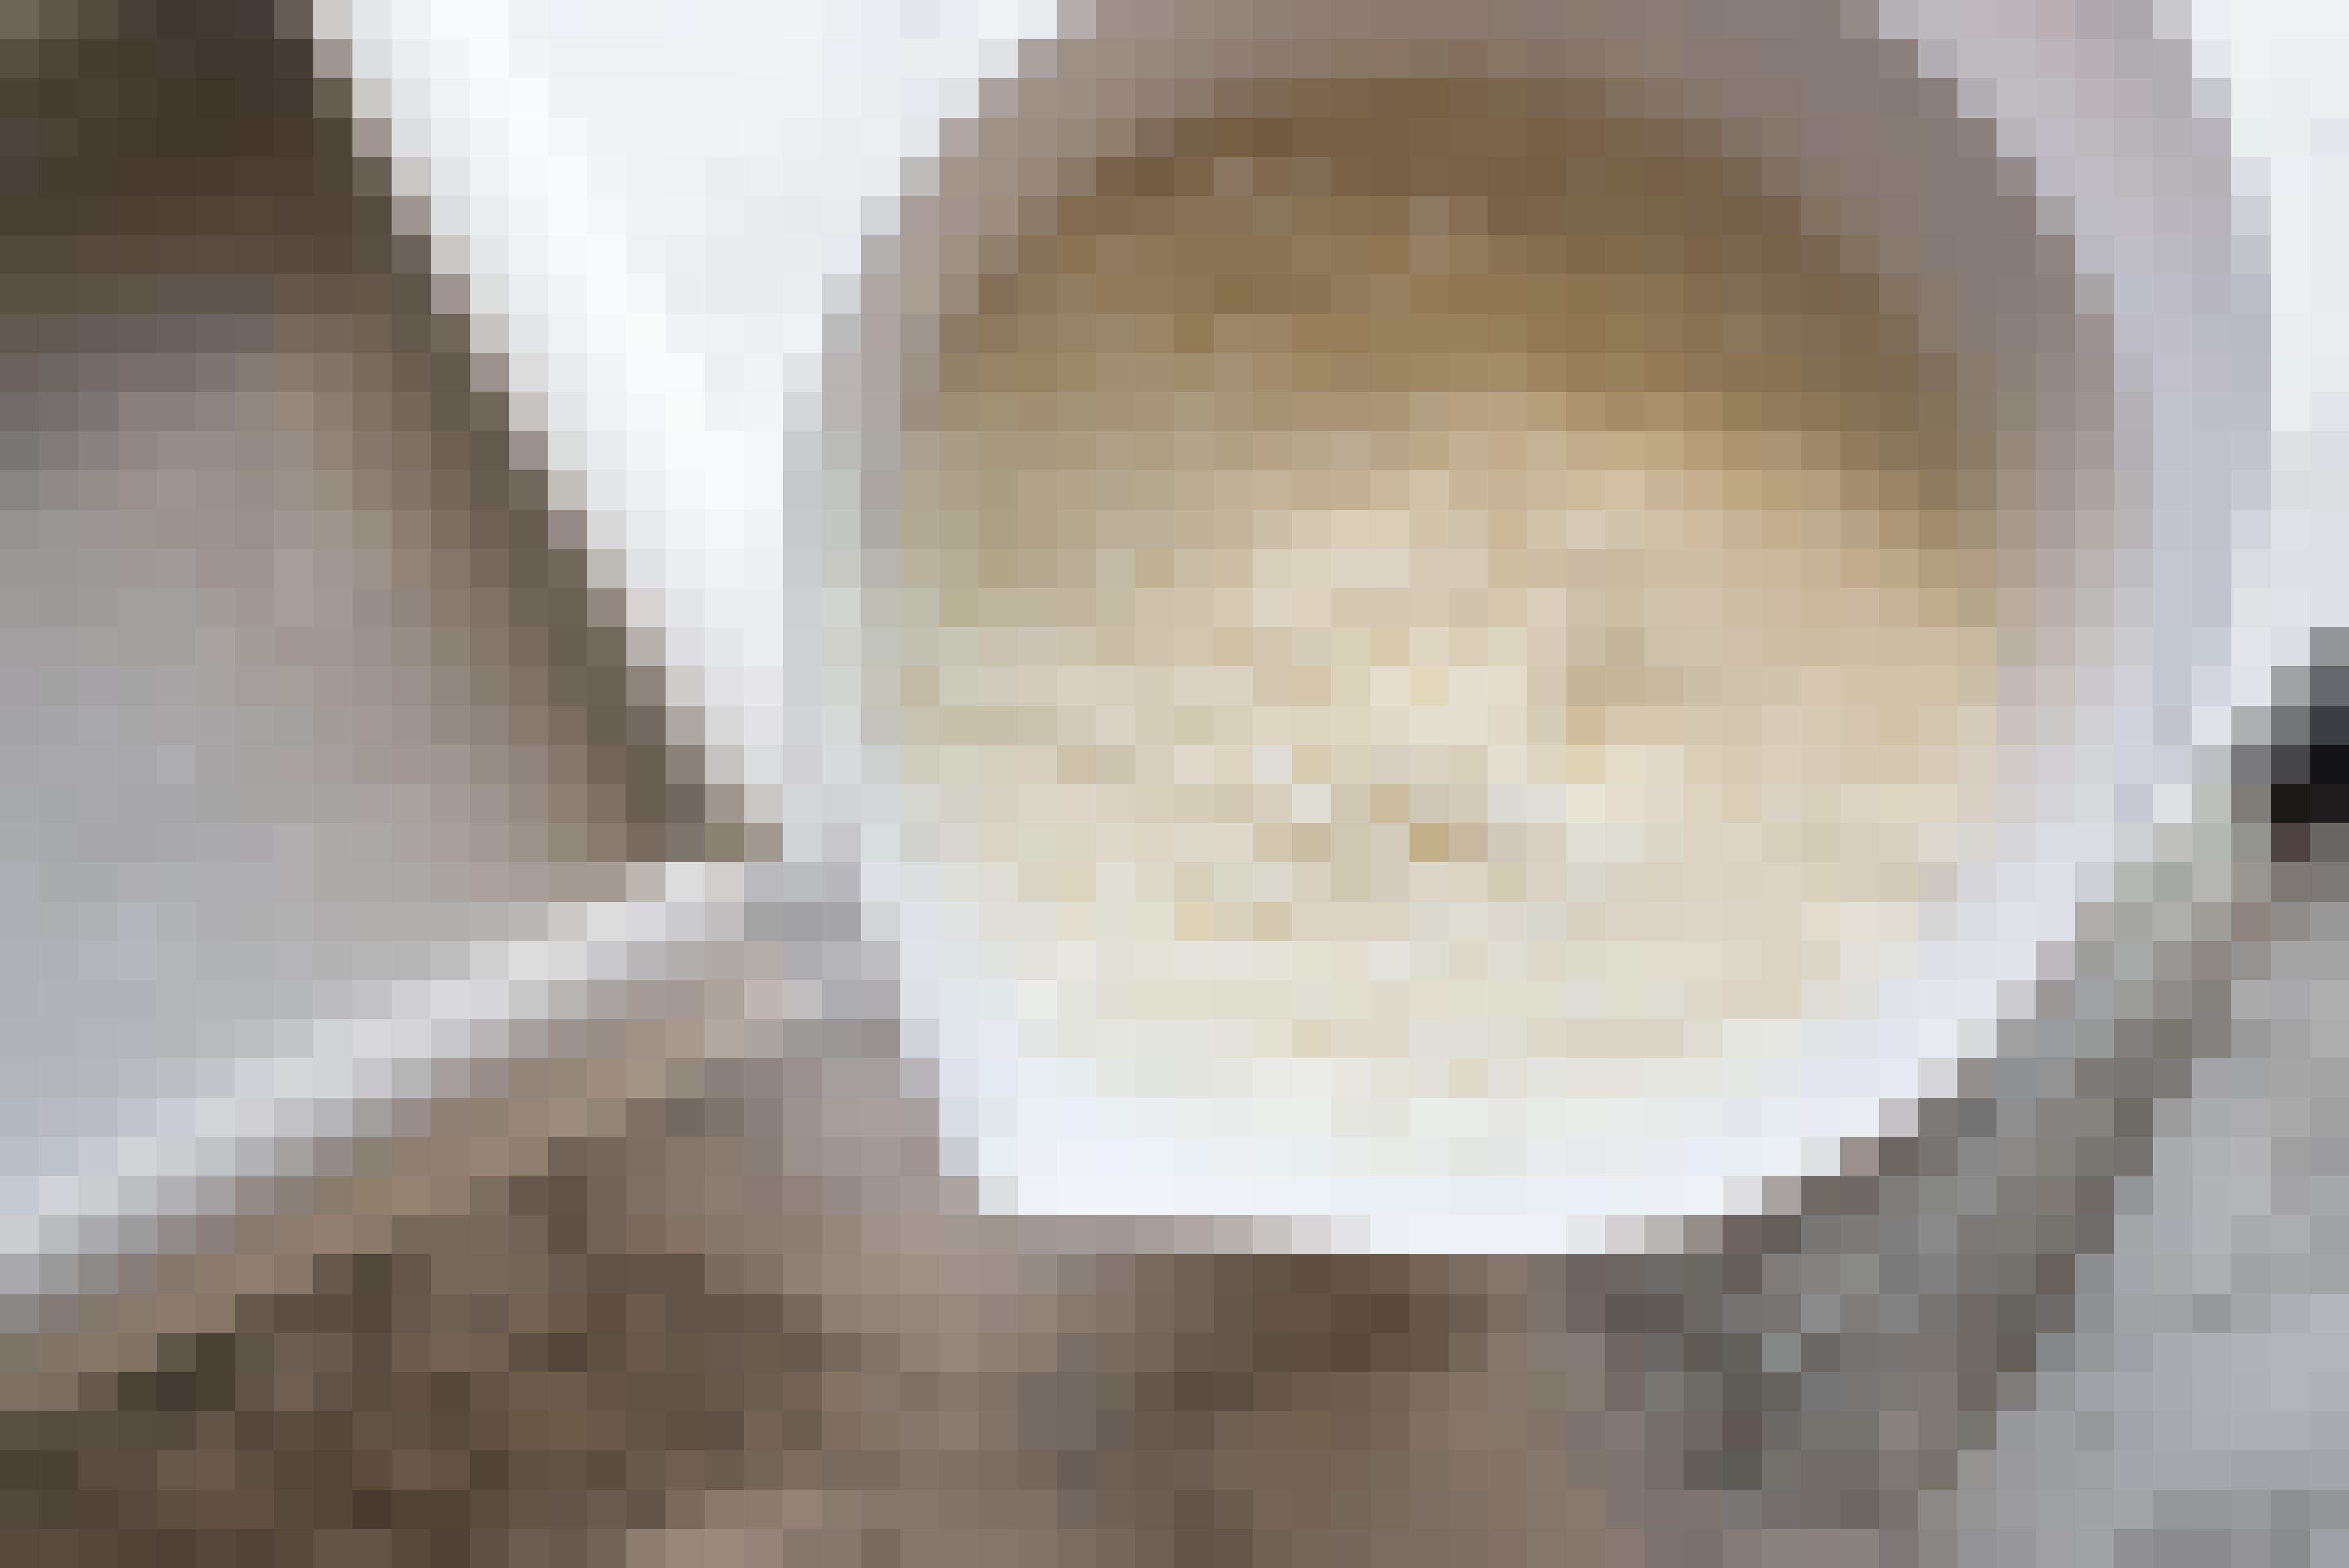 How To Make Vanilla Magic Cake: gallery image 6